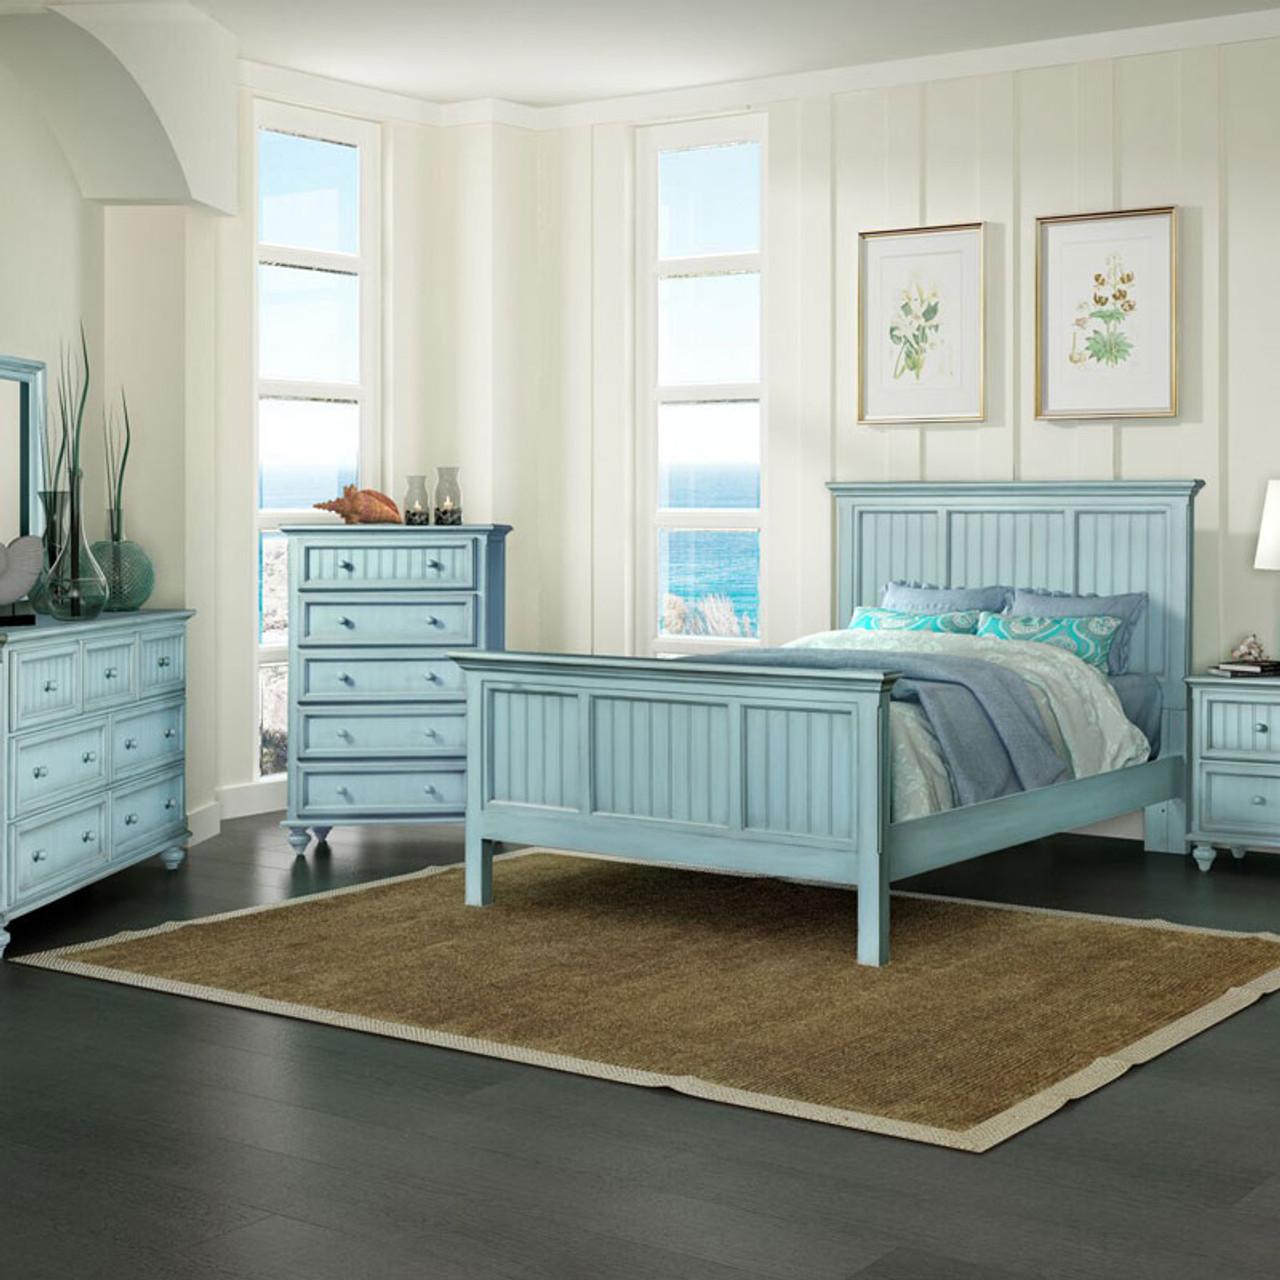 Monaco 5 pc. Bedroom Set